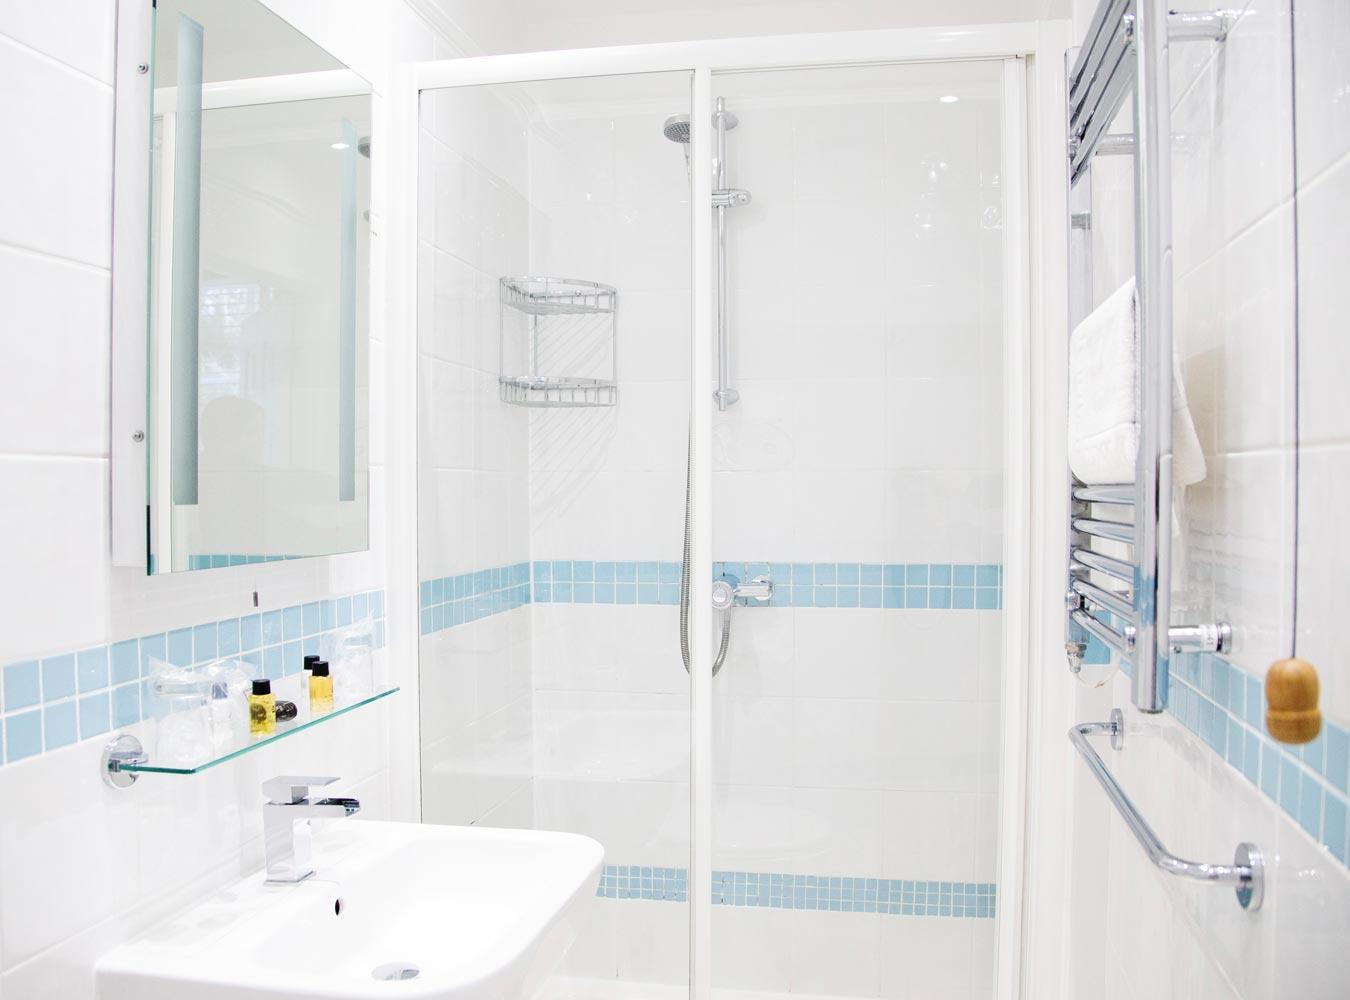 27x20_room6-bathroom